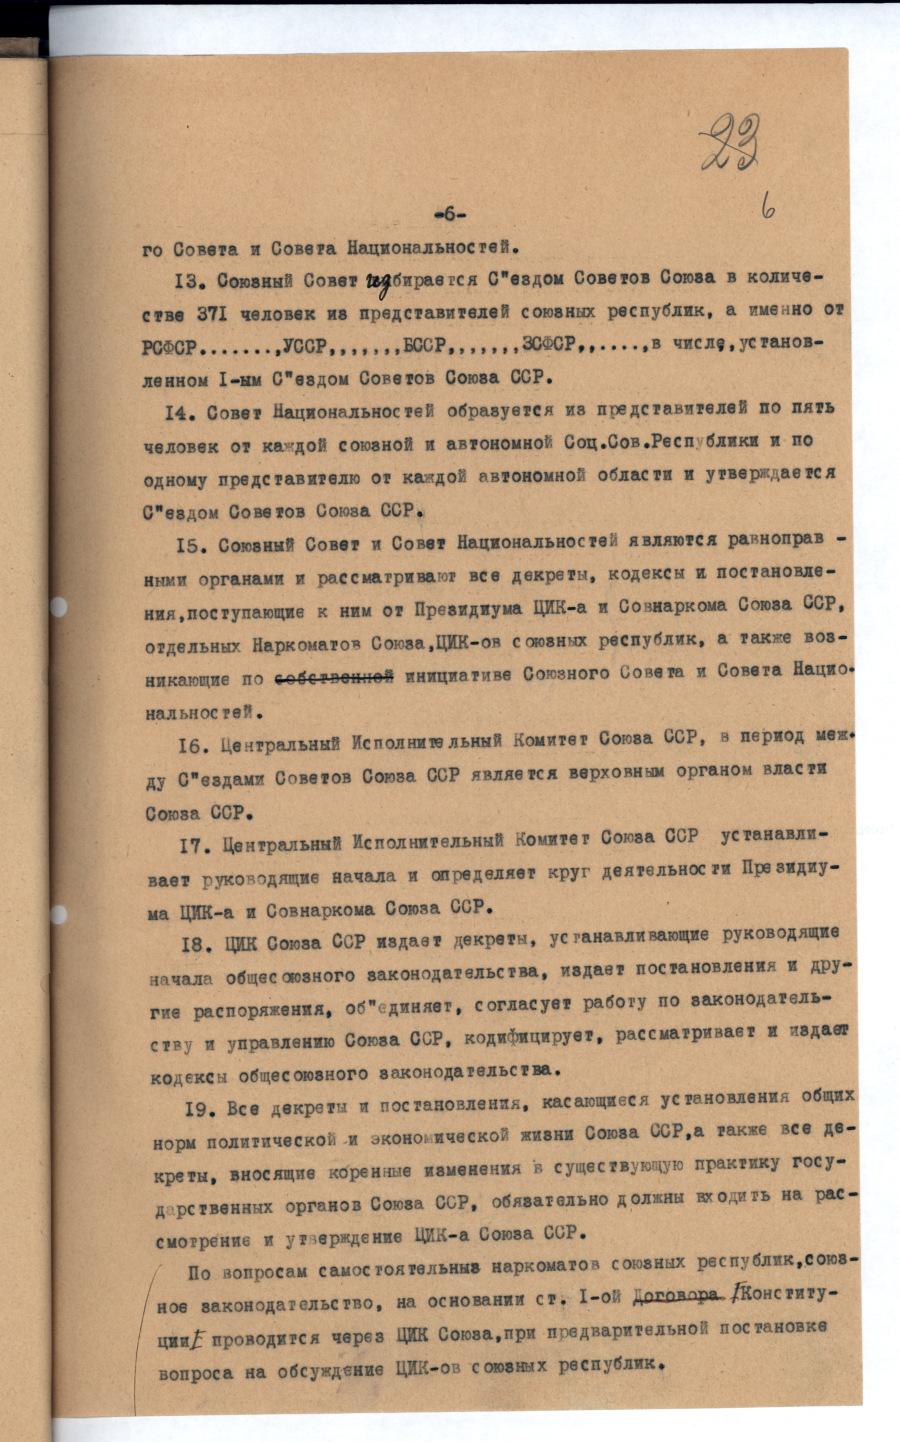 Проект основного закона (Конституции) Союза СССР 1924 года. 6 стр